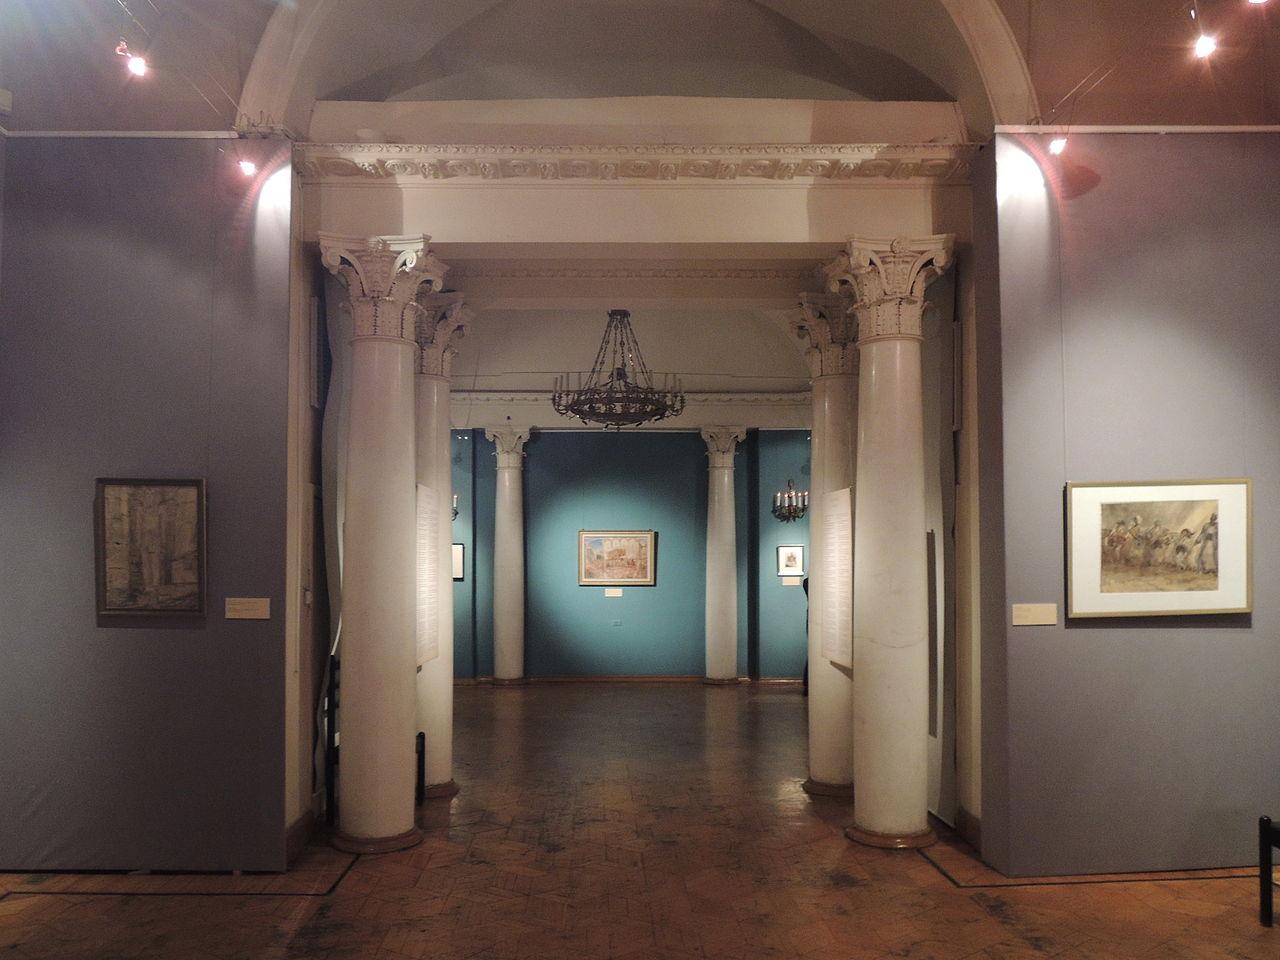 Музей народов востока в москве официальный сайт билеты и цены изображение билета в музей